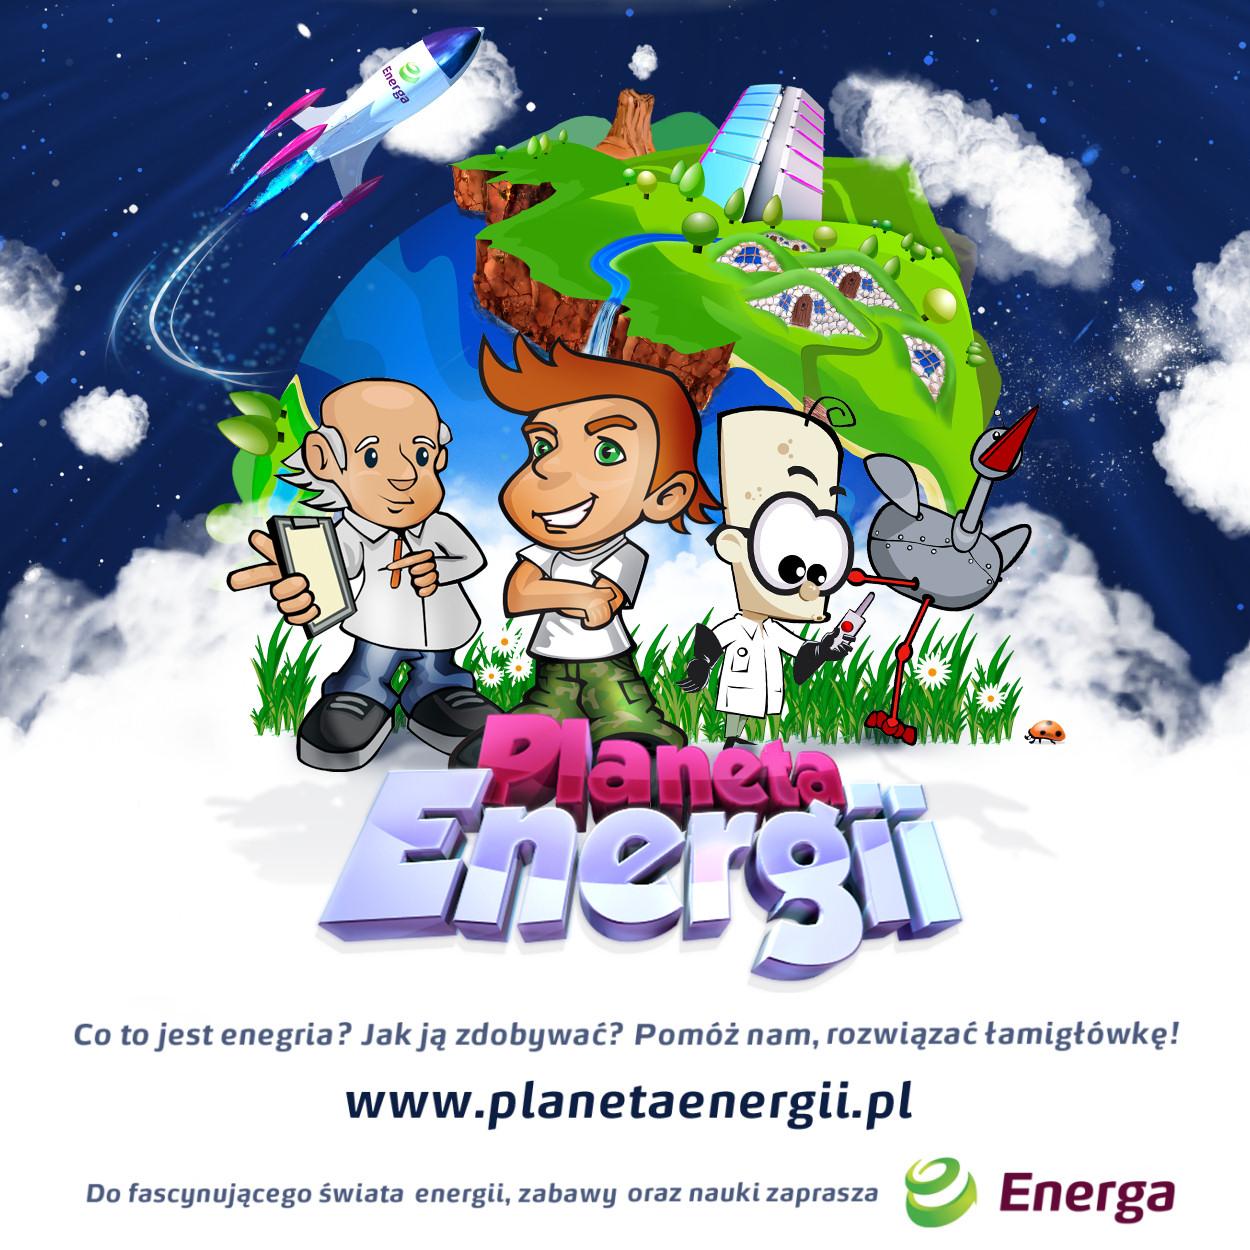 http://www.planetaenergii.pl/index.xml